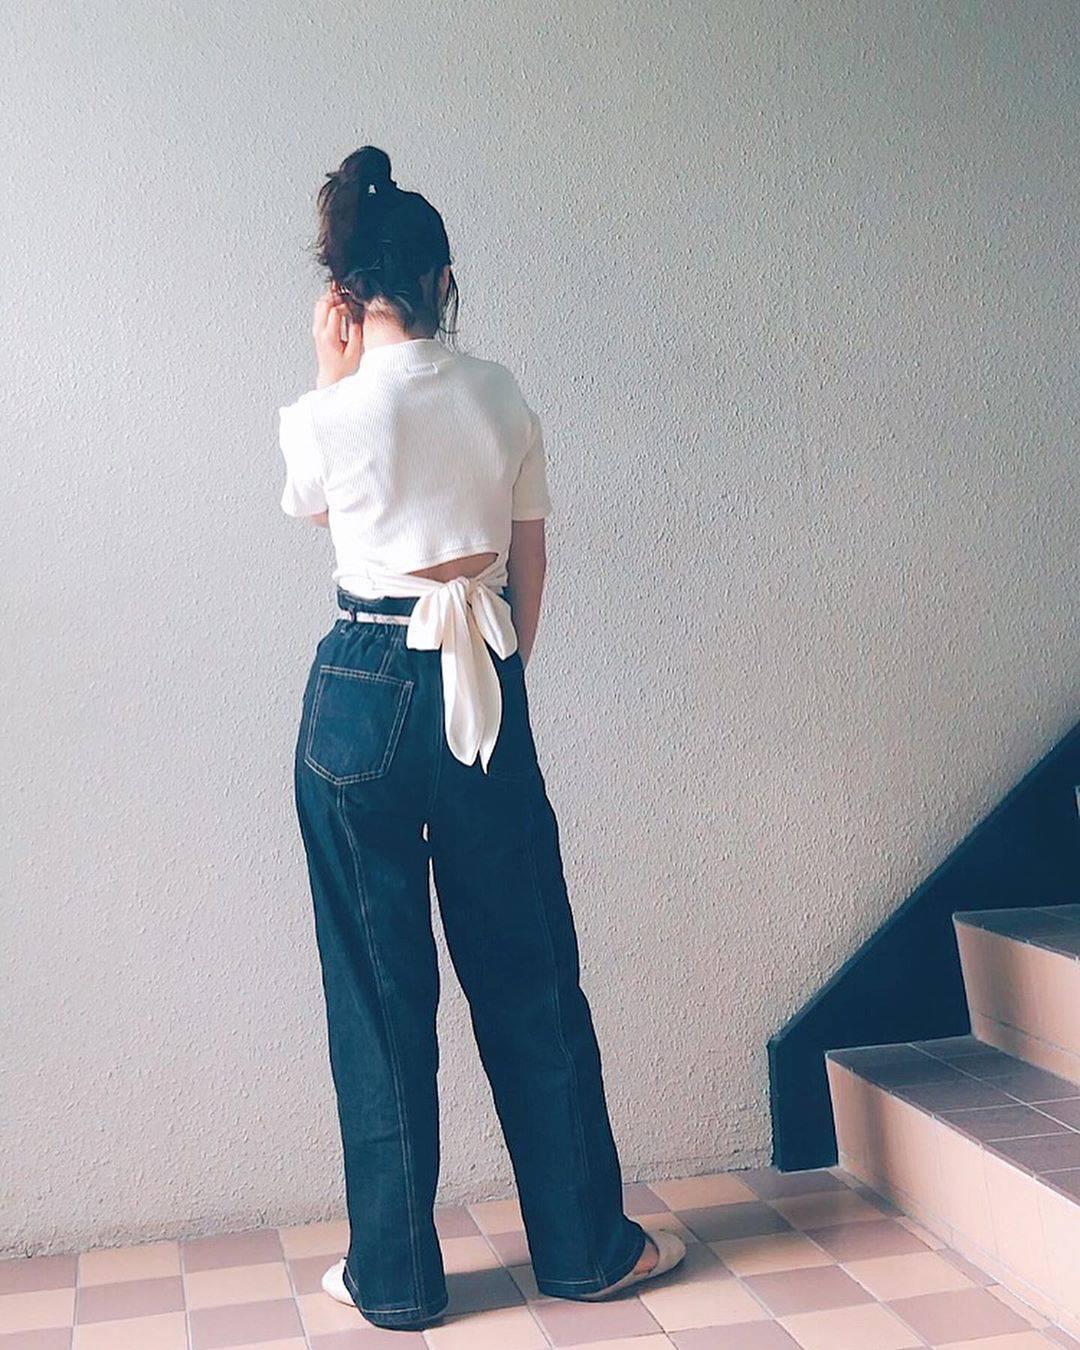 最高気温30度・最低気温16度 natsu_outfitsの服装